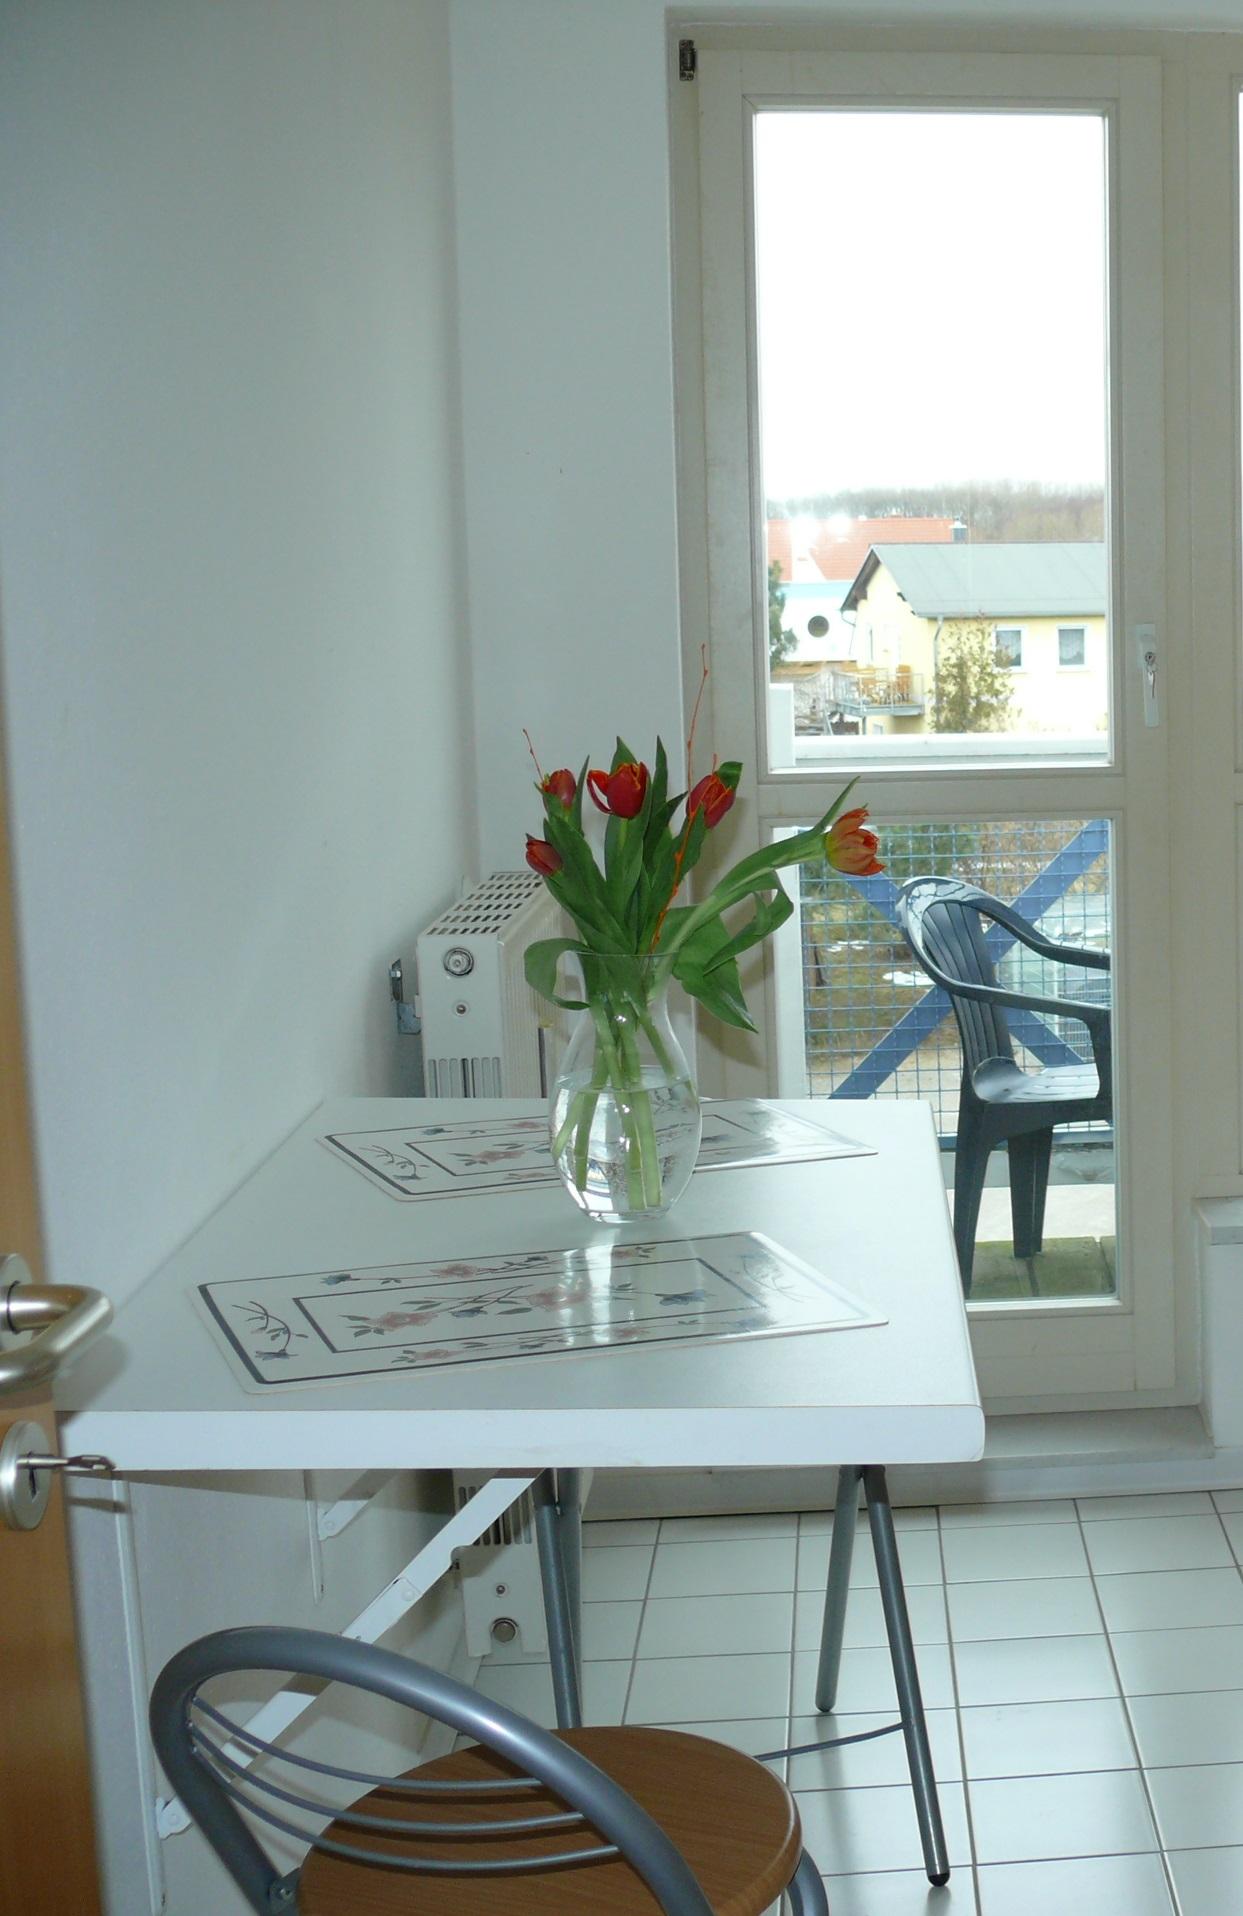 Vom Balkon an der Küche haben Sie Blick auf Ihren Parkplatz